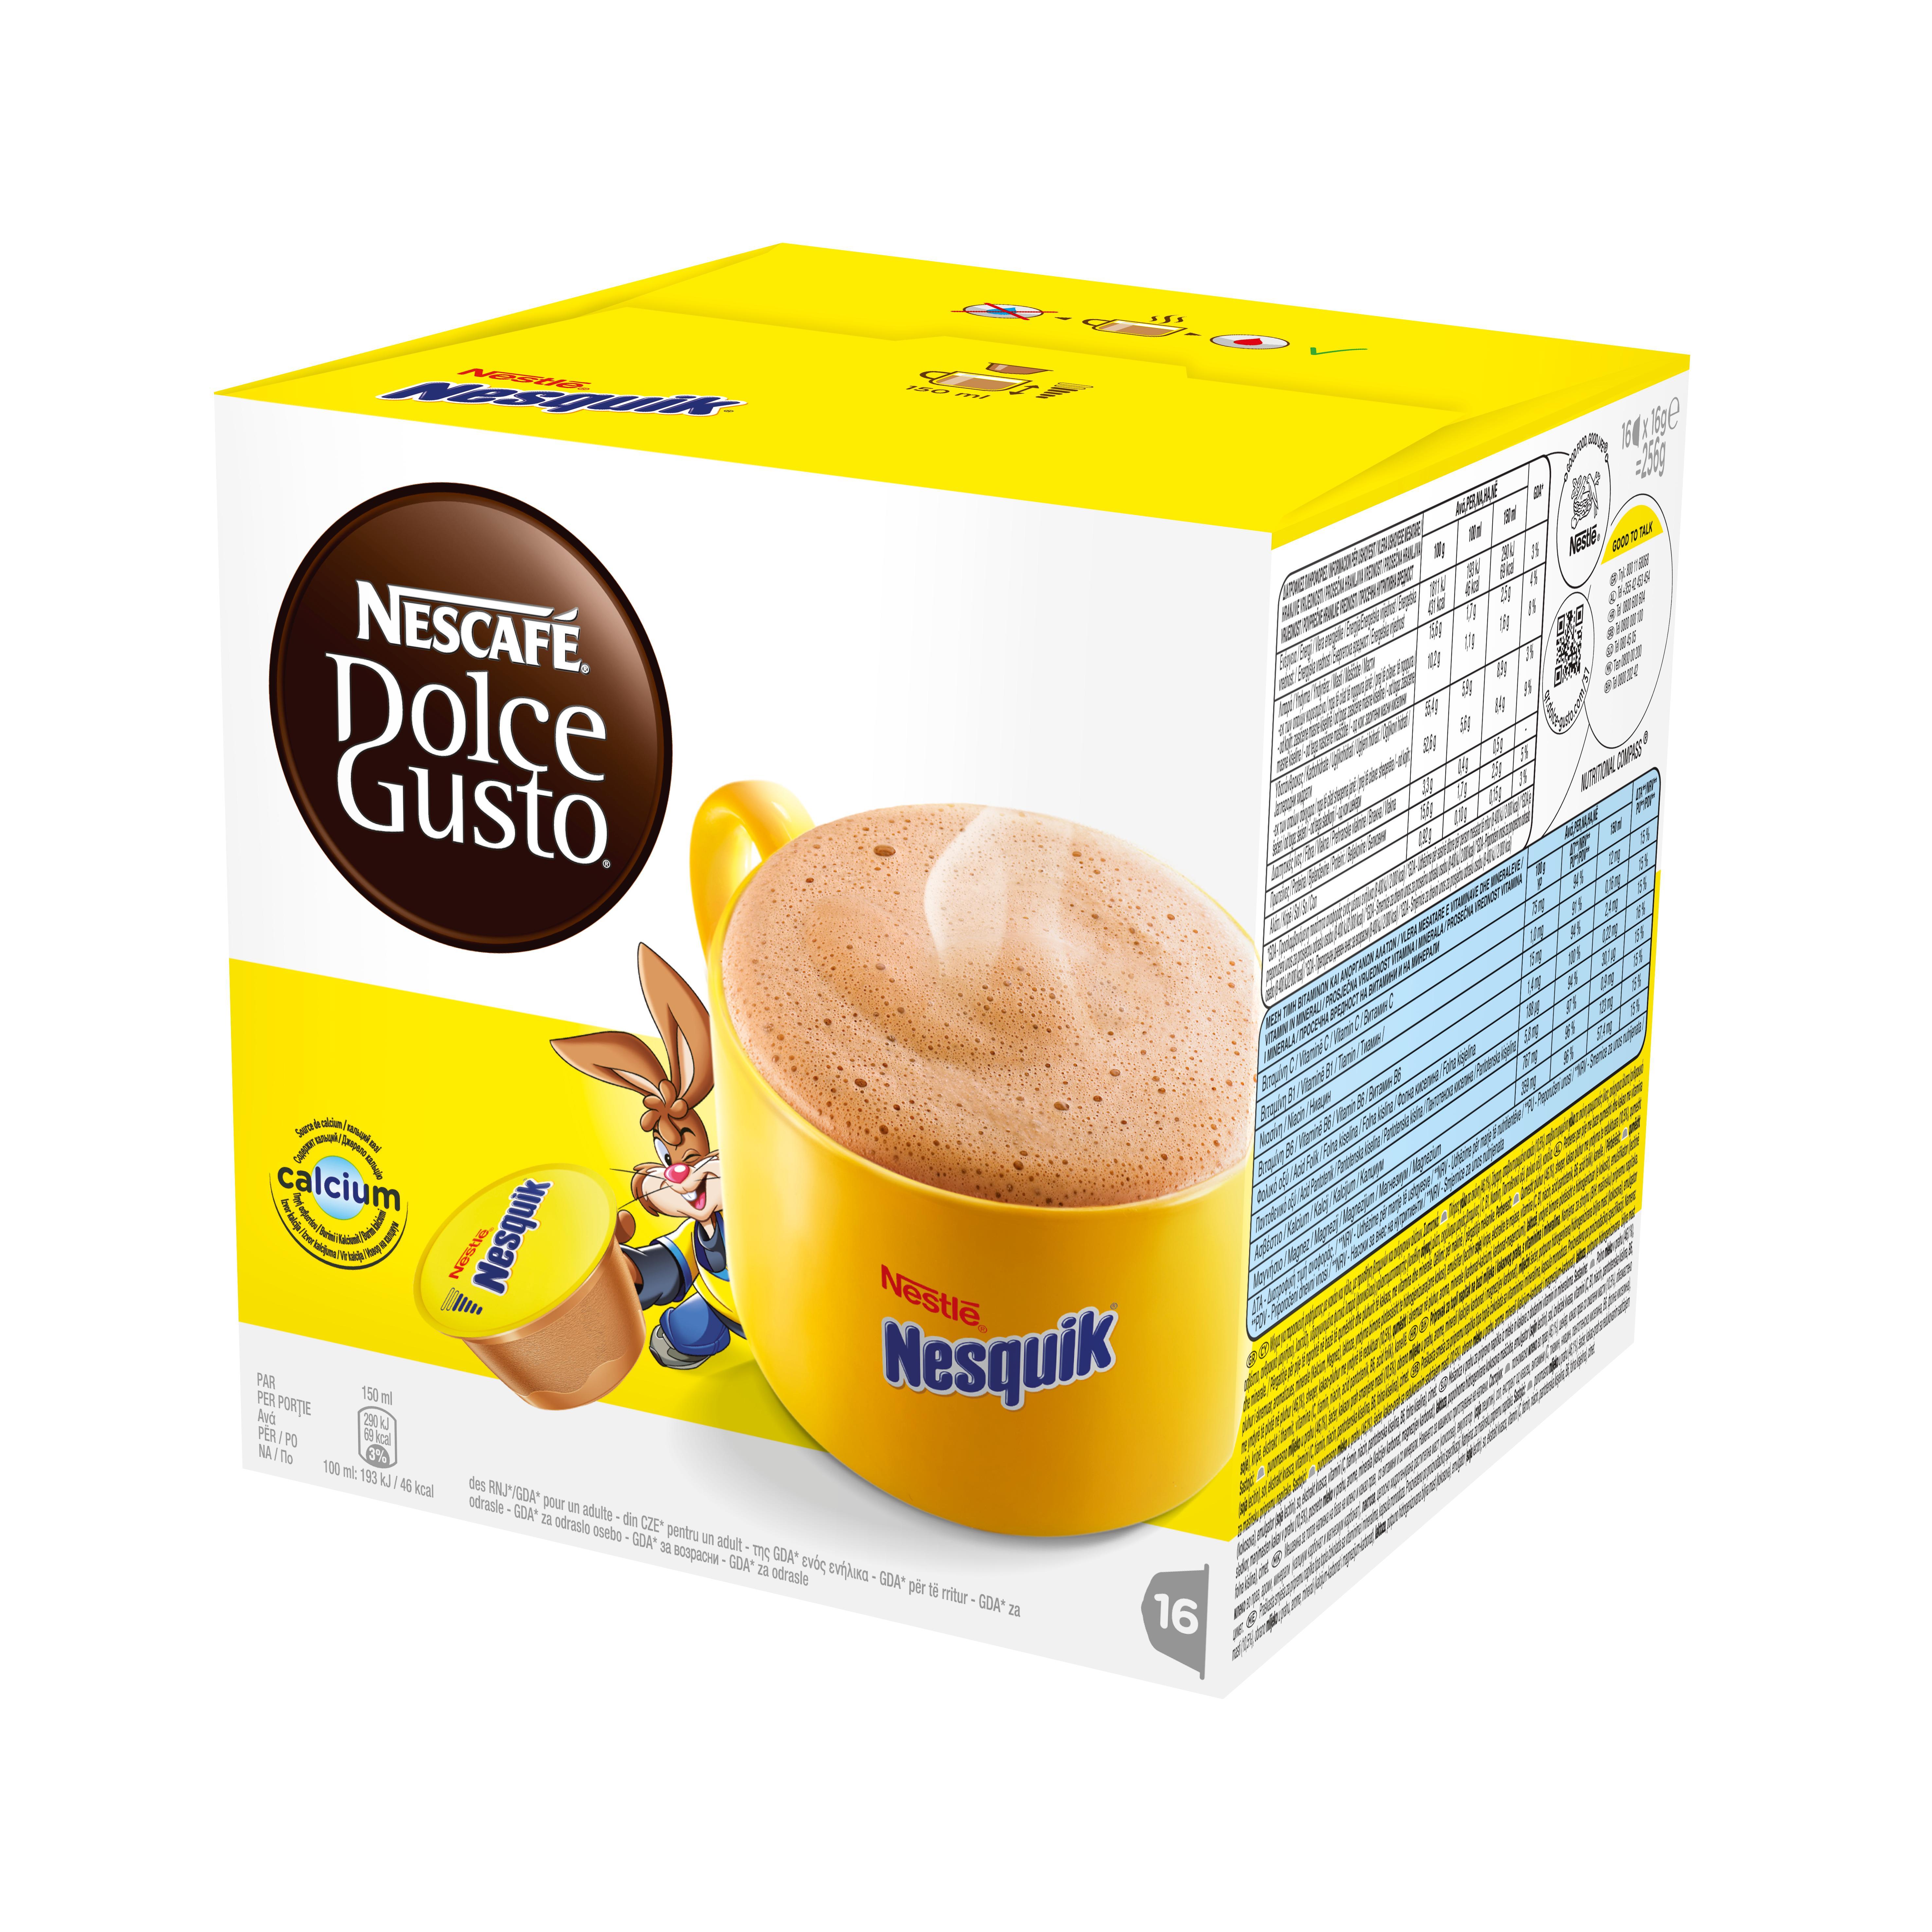 Какао в капсулах Dolce Gusto Nesquik (Несквик), 16 кап.Кофе и чай<br>Какао в капсулах NESCAFE Dolce Gusto Nesquik &amp;#40;Нескафе Дольче Густо Несквик&amp;#41;. Нет ничего лучше чашечки ароматного согревающего шоколадного напитка Nesquik. Насладитесь вкуснейшим напитком - неважно, готовите ли Вы его ребенку или сами желаете на миг вернуться в мир детства. Кролик Квики мгновенно наполнит Вашу чашку горячим ароматным какао-напитком. Каждая капсула рассчитана на одну чашку напитка.<br><br>Несквик - это ароматный согревающий шоколадный напиток.<br>СОСТАВ: сухое цельное молоко, какао-порошок<br><br>Тип: какао в капсулах